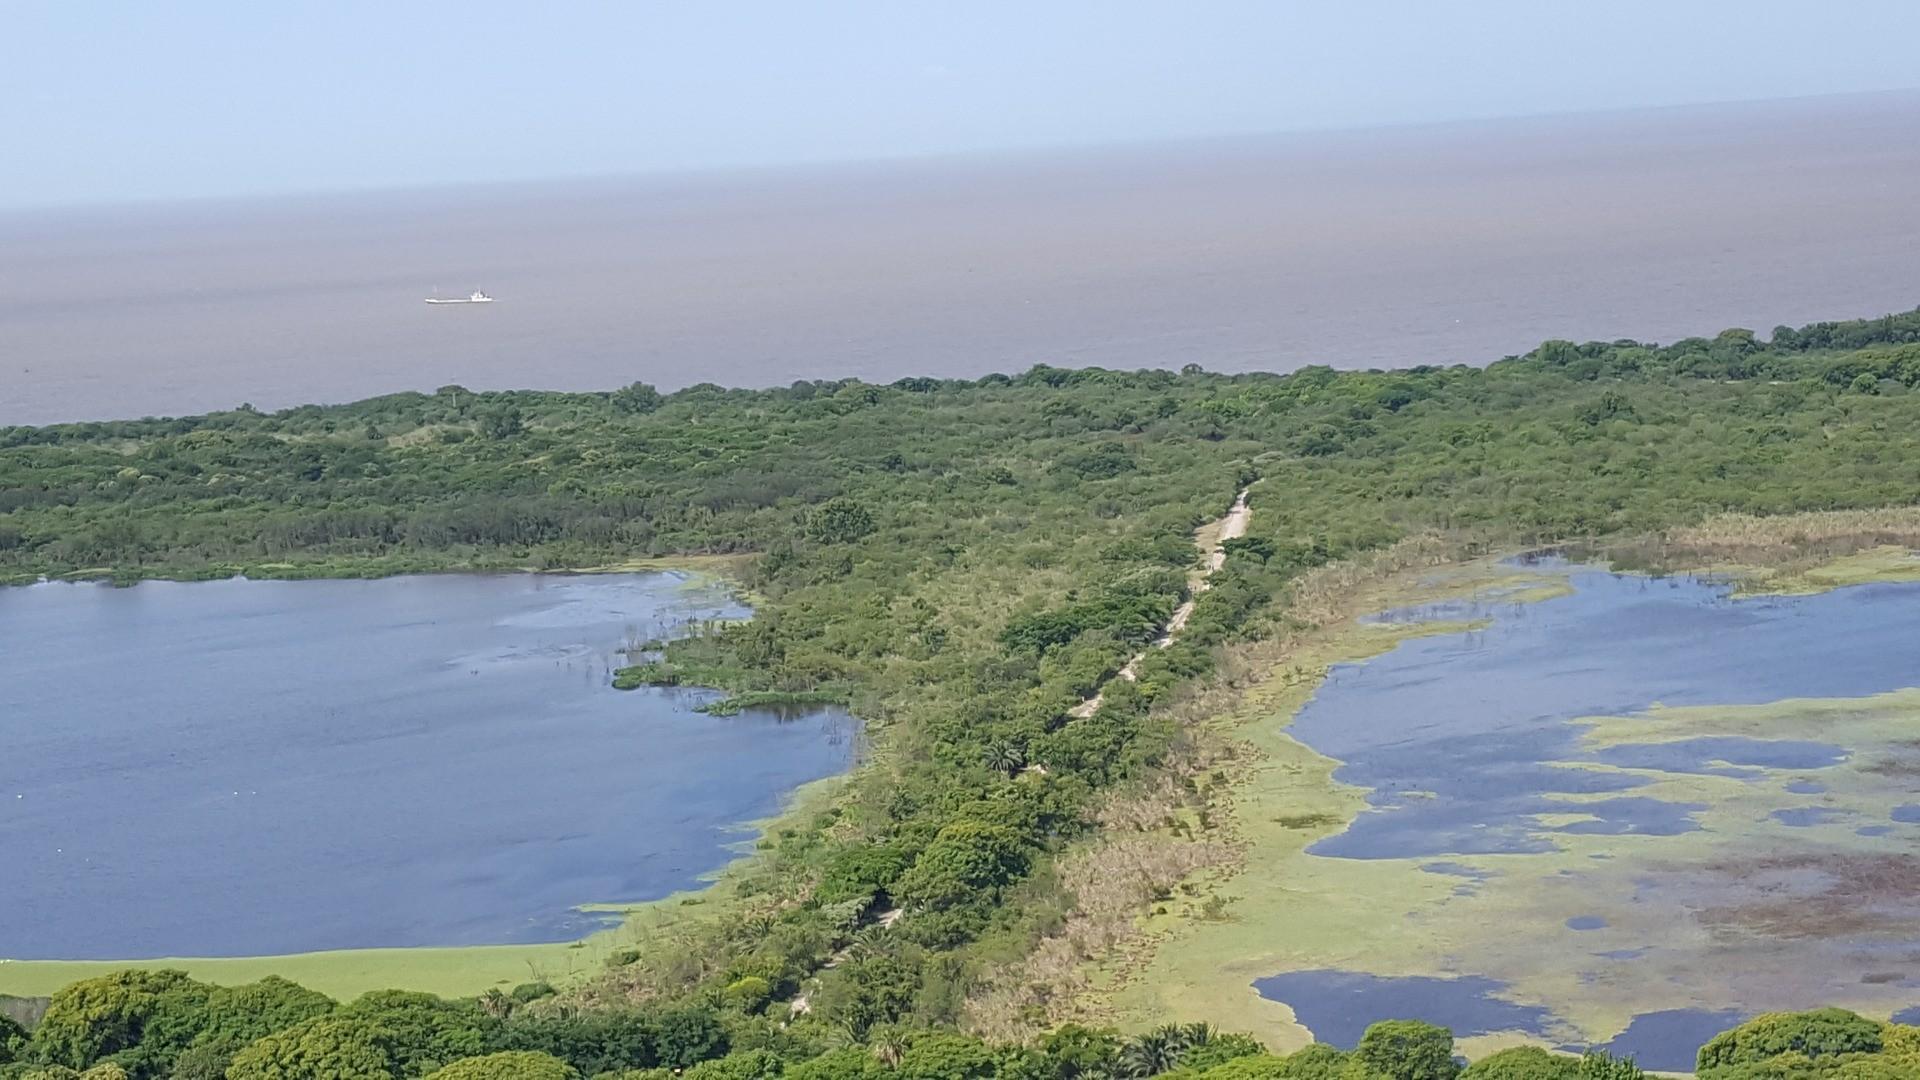 Azucena Villaflor al 400 - Puerto Madero